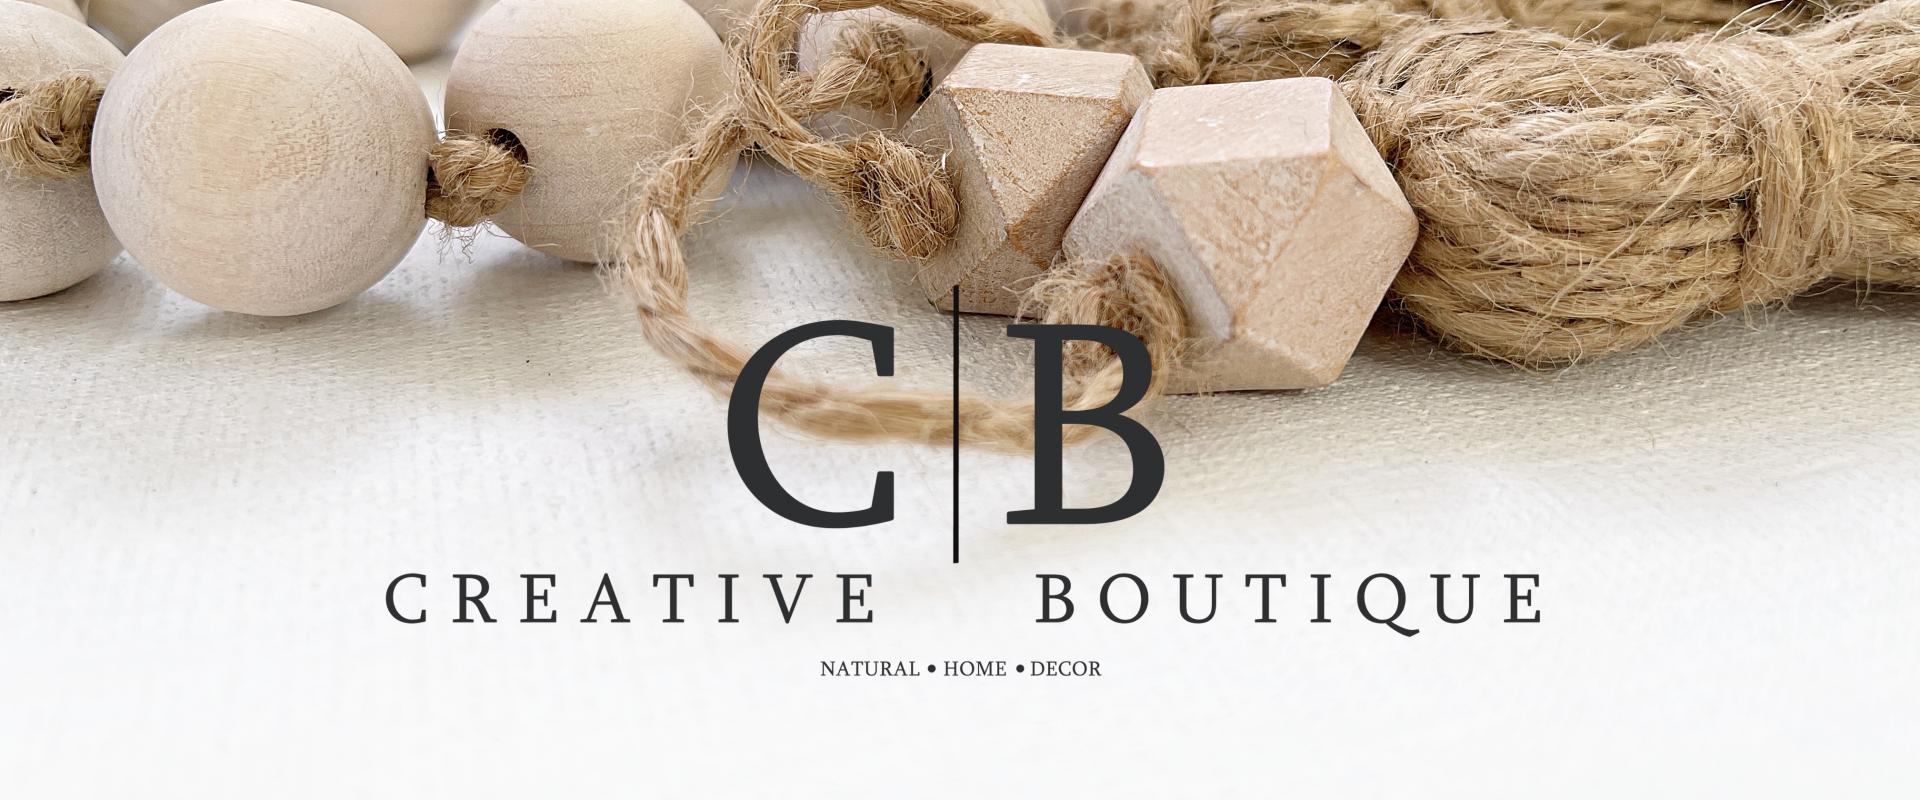 Creative Boutique Home